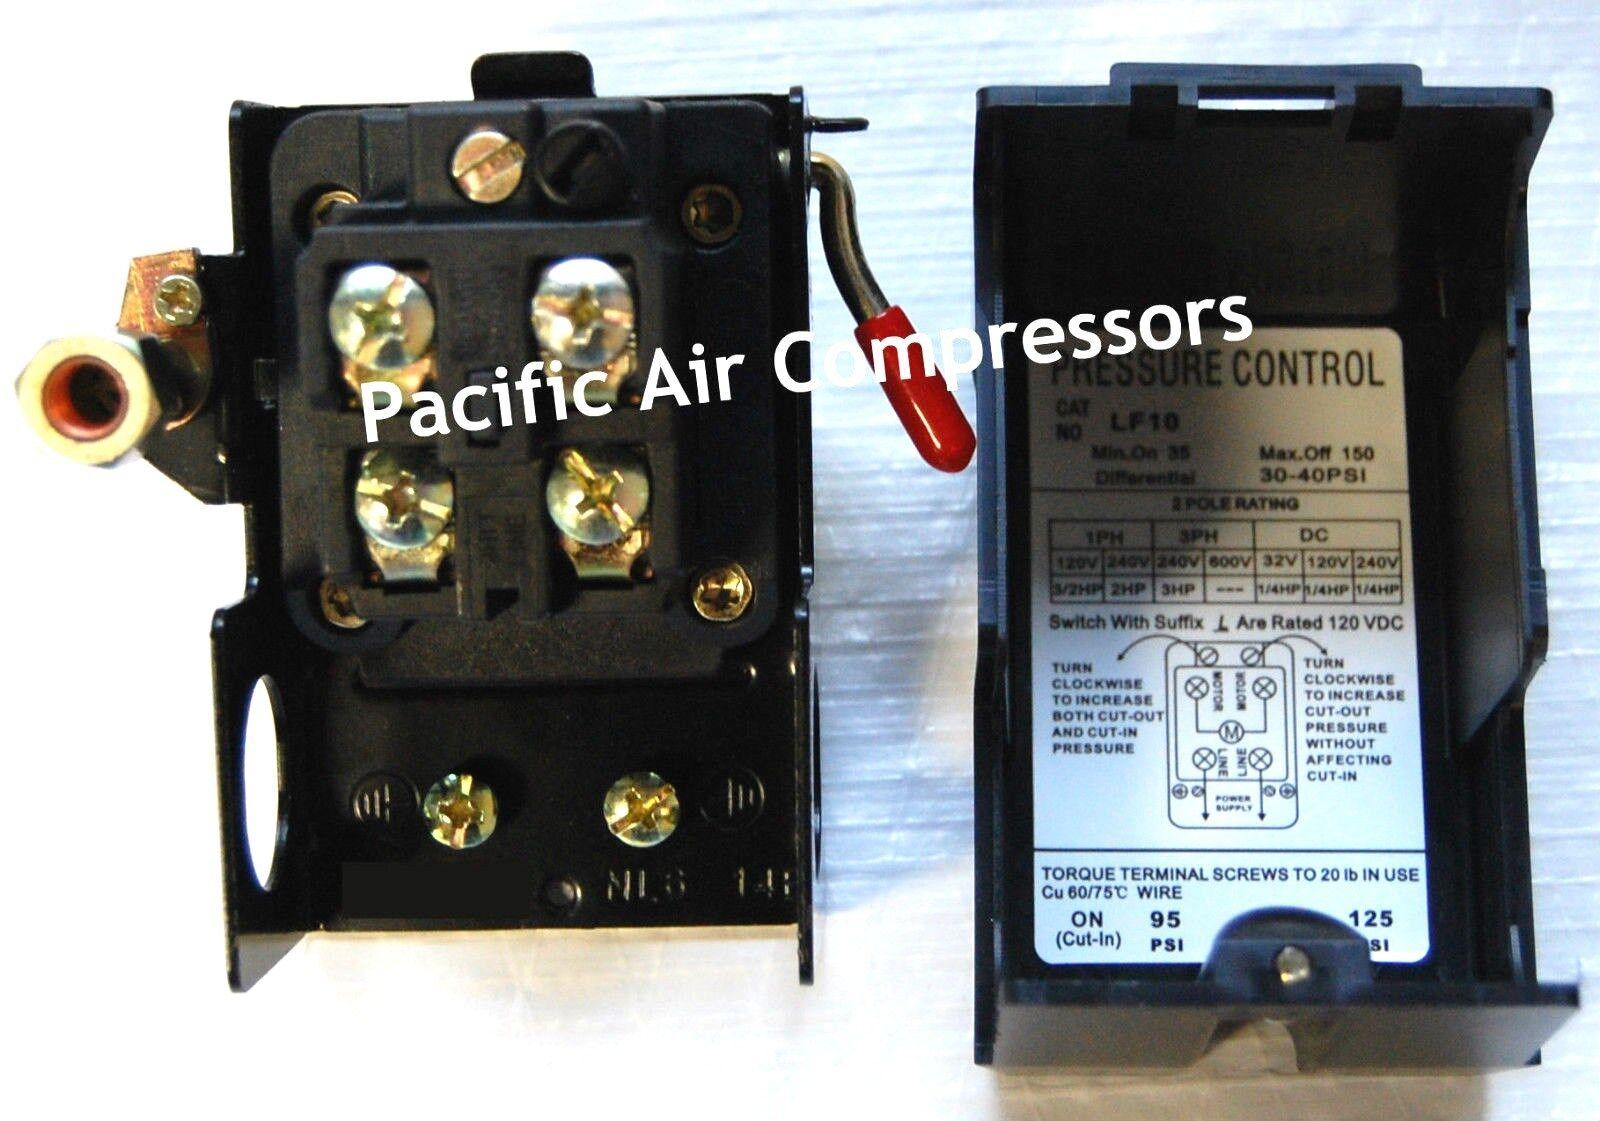 Sanborn 034 0134 0340134 Pressure Switch With Unloader